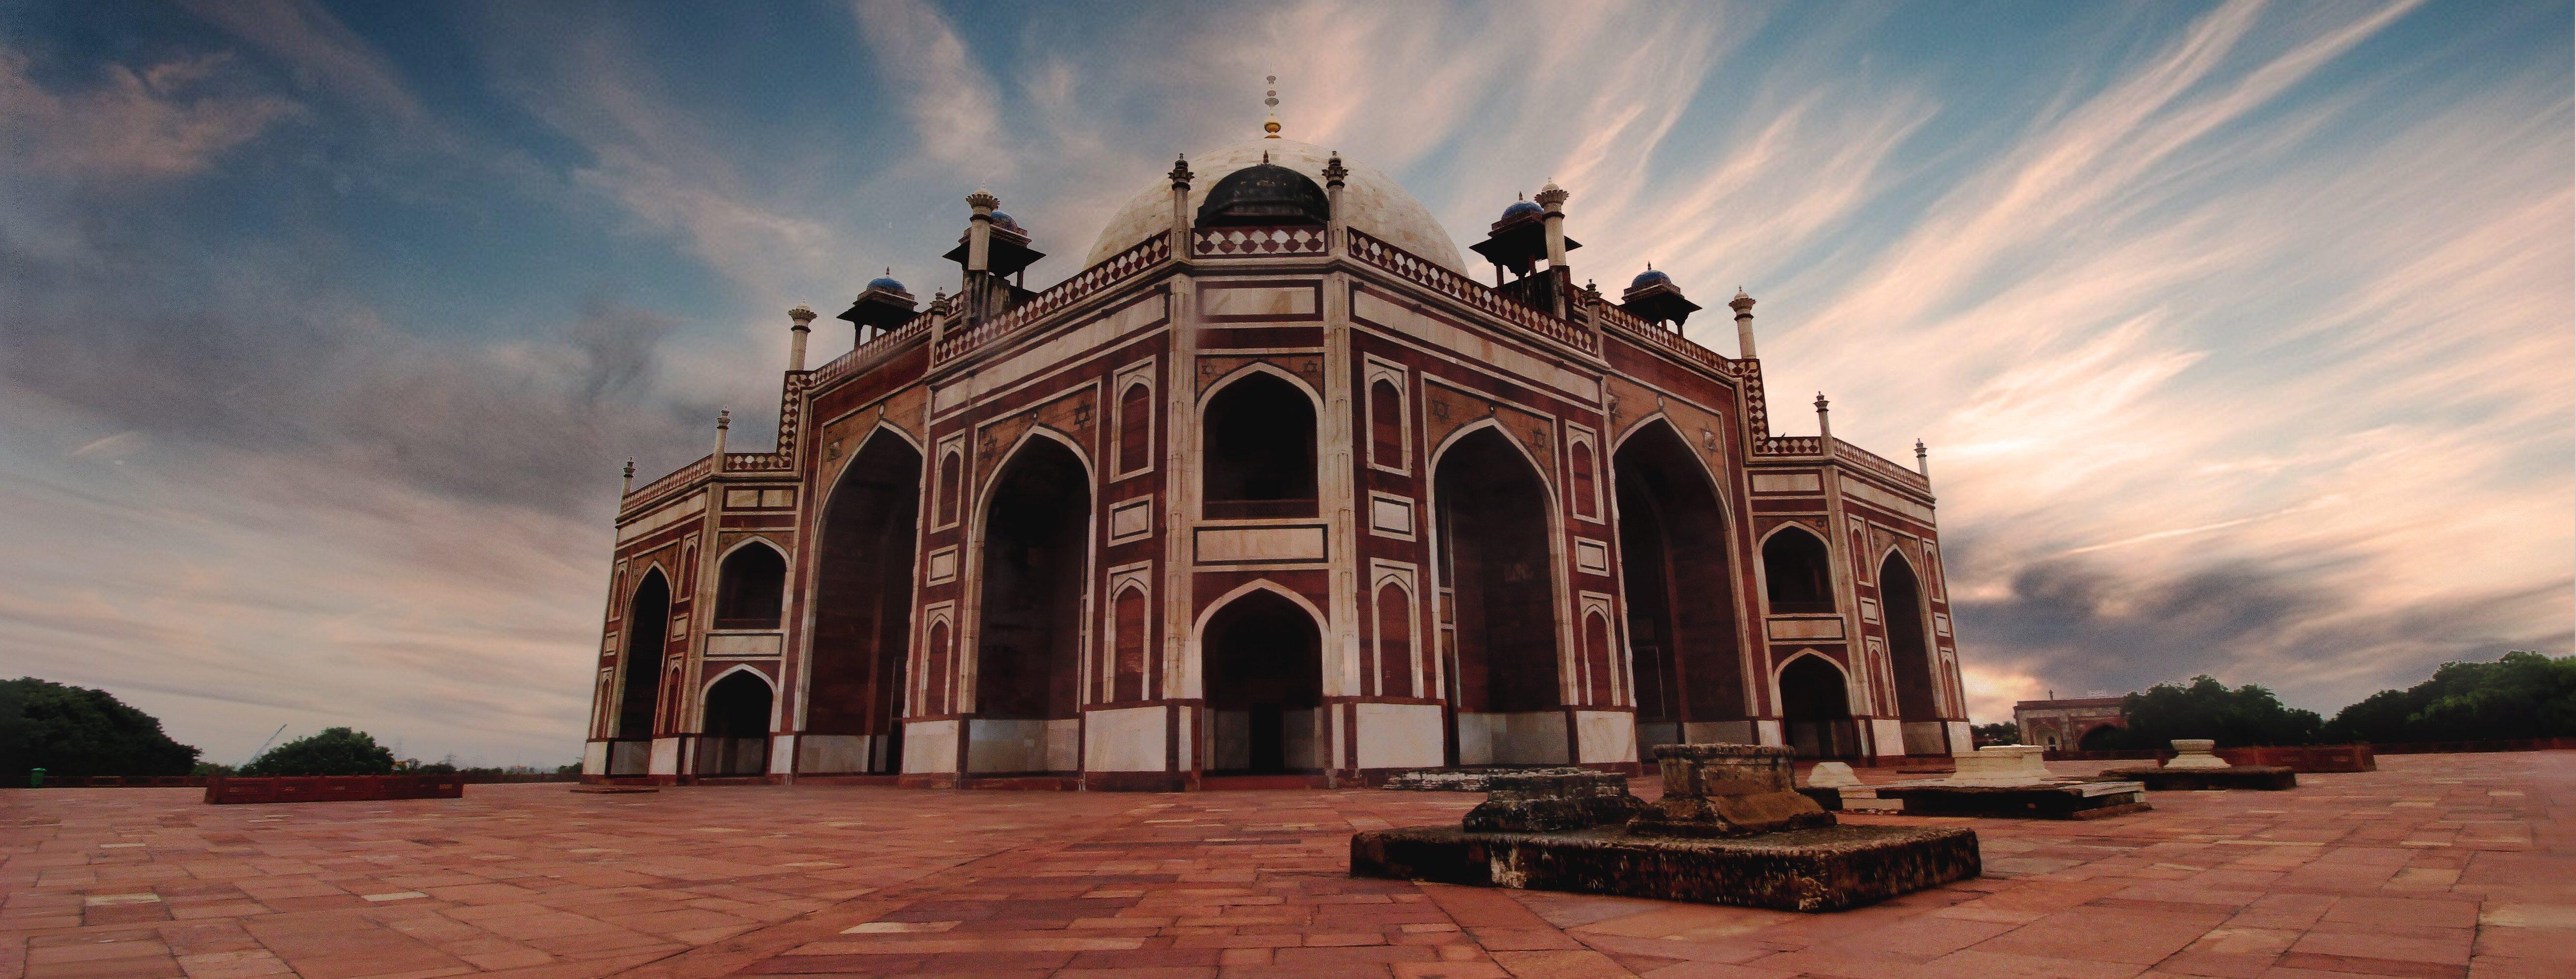 Pod marmurowym niebem, historia Taj Majal – recenzja #2